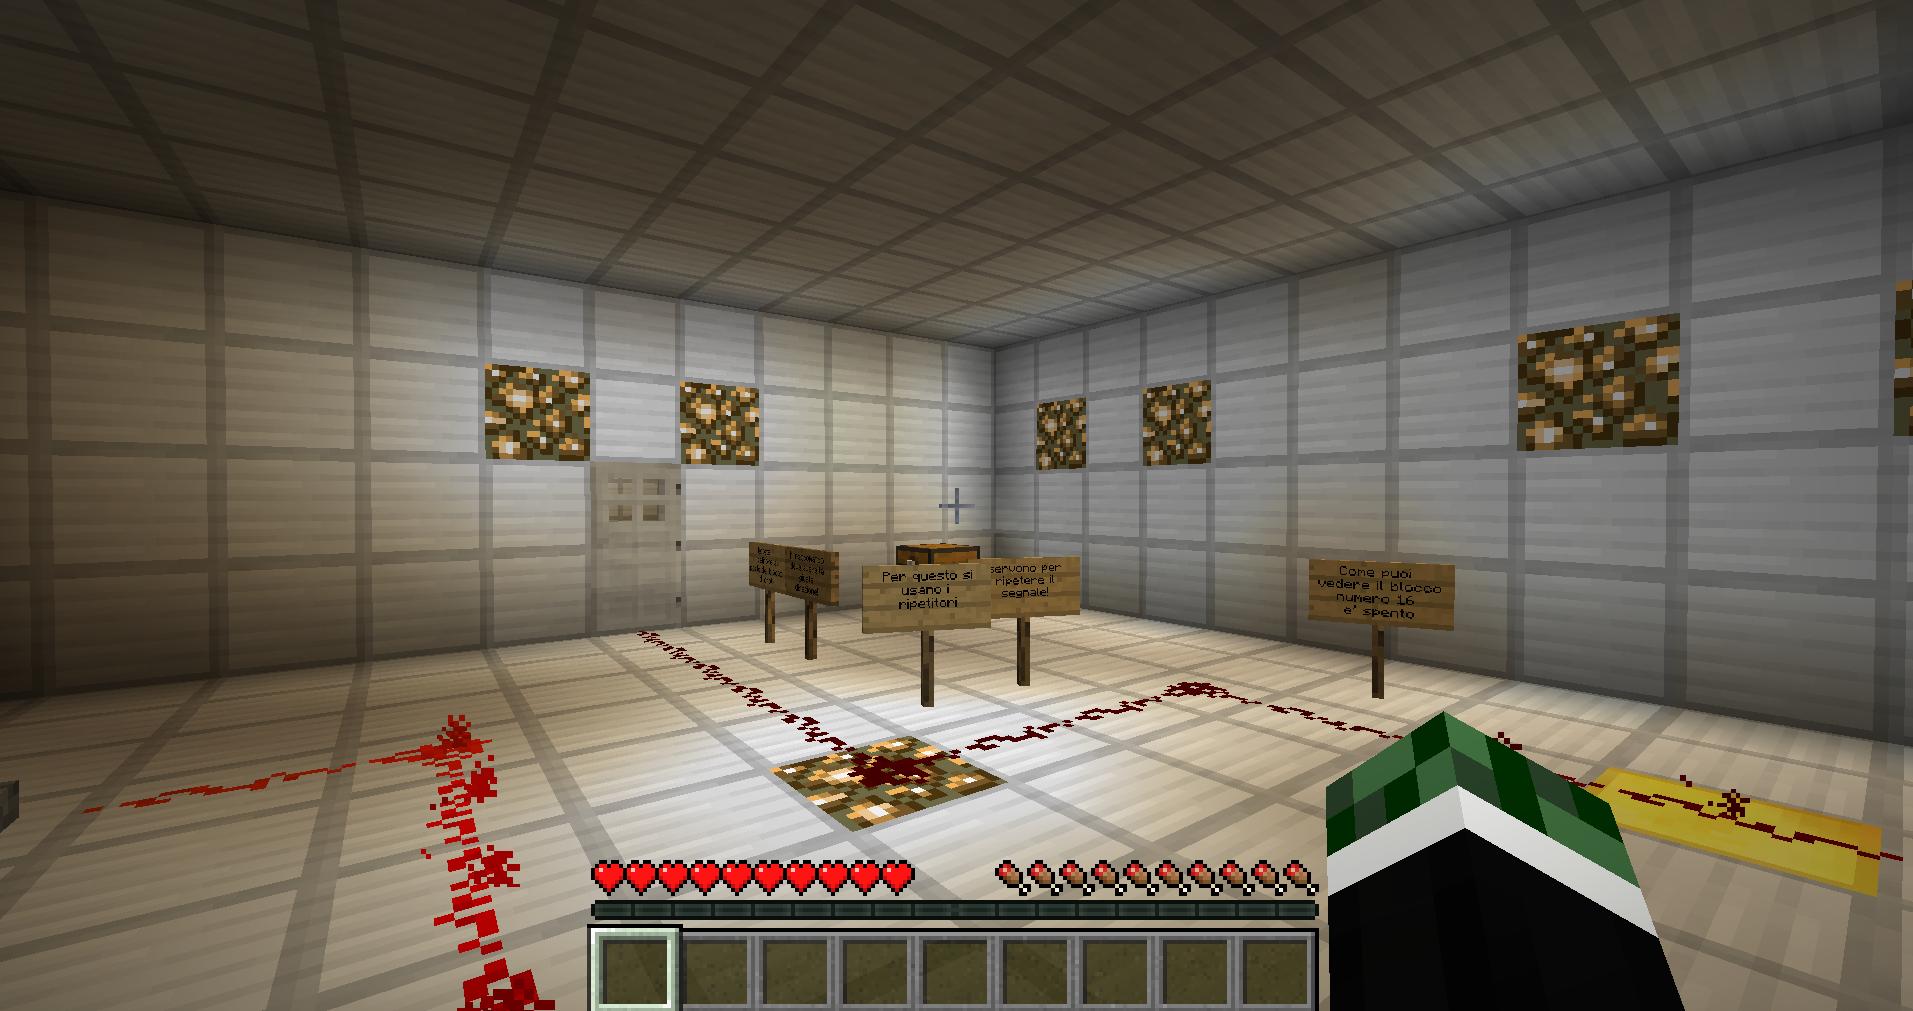 Come Fare Un Letto Su Minecraft : Progettare circuiti elettrici e labirinti con minecraft